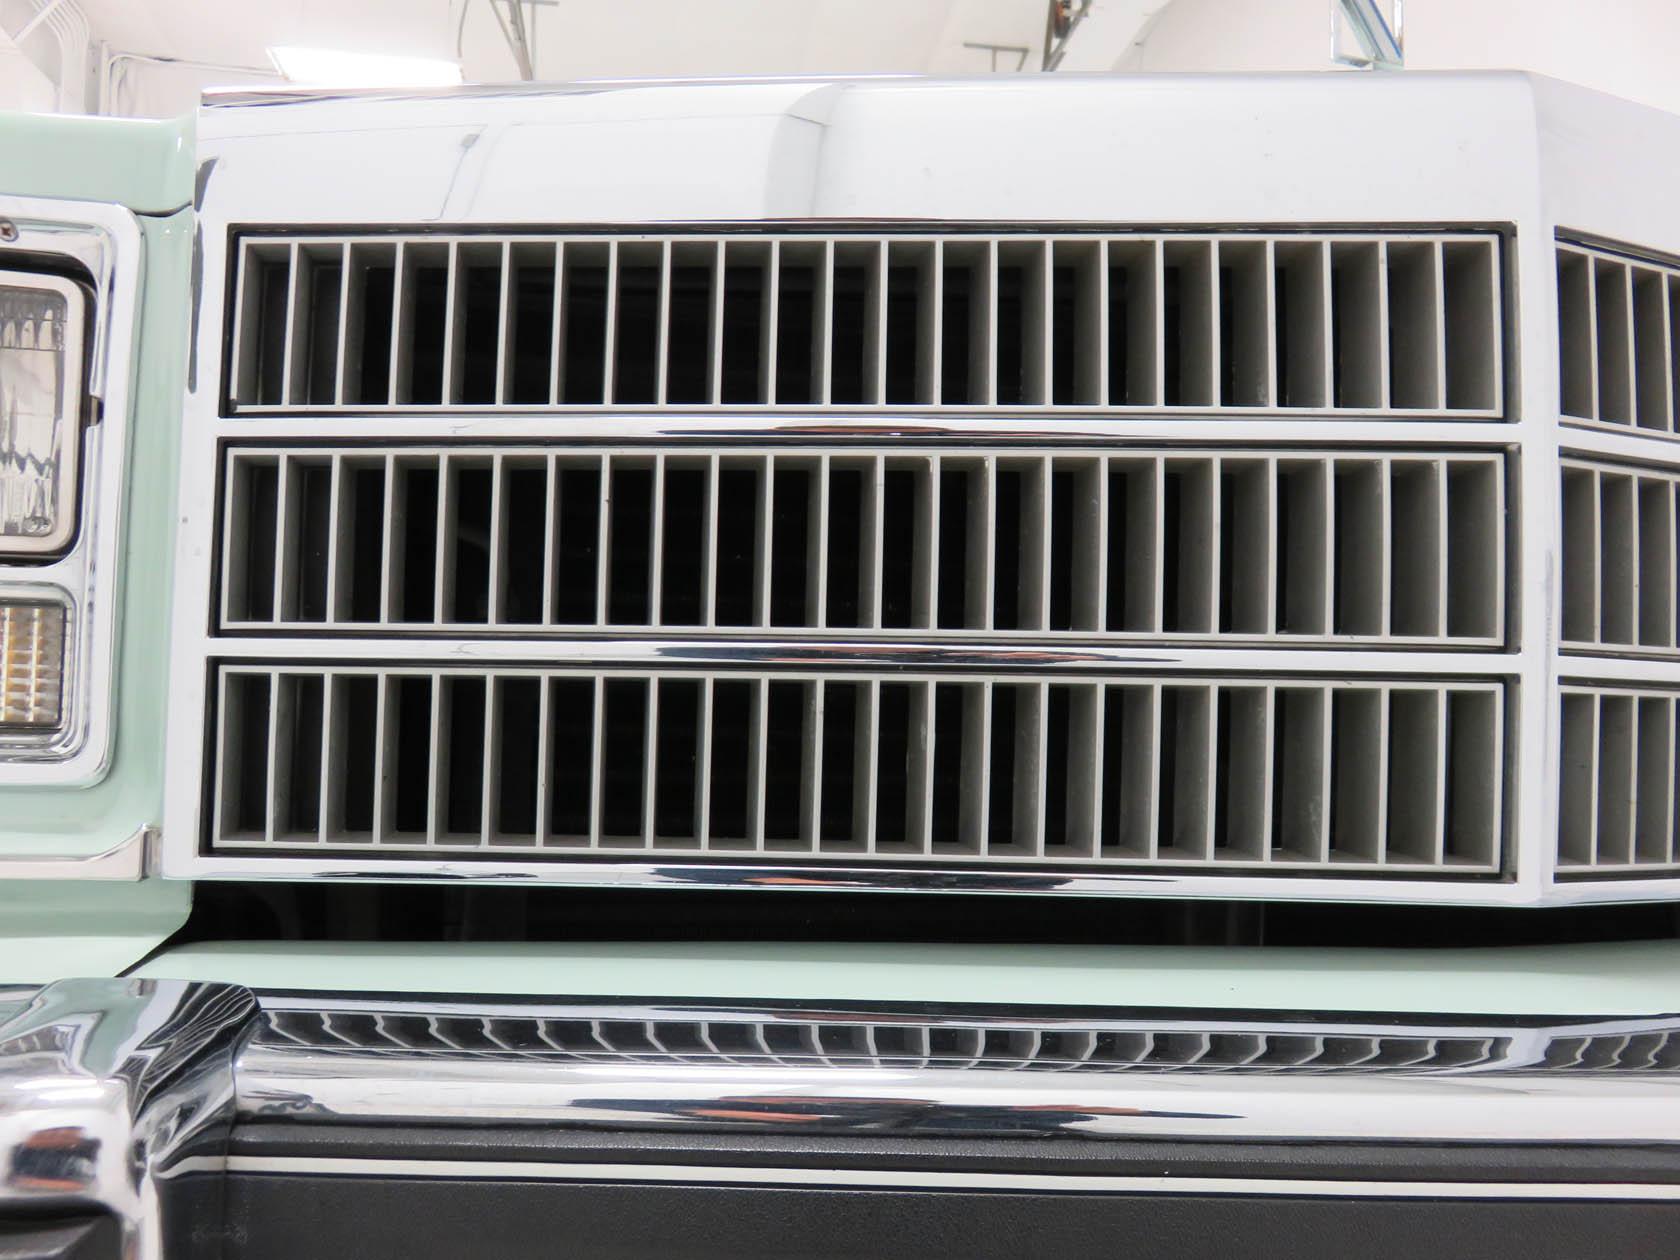 Michael Esposito - 1974 Oldsmobile Cutlasss Supreme 310